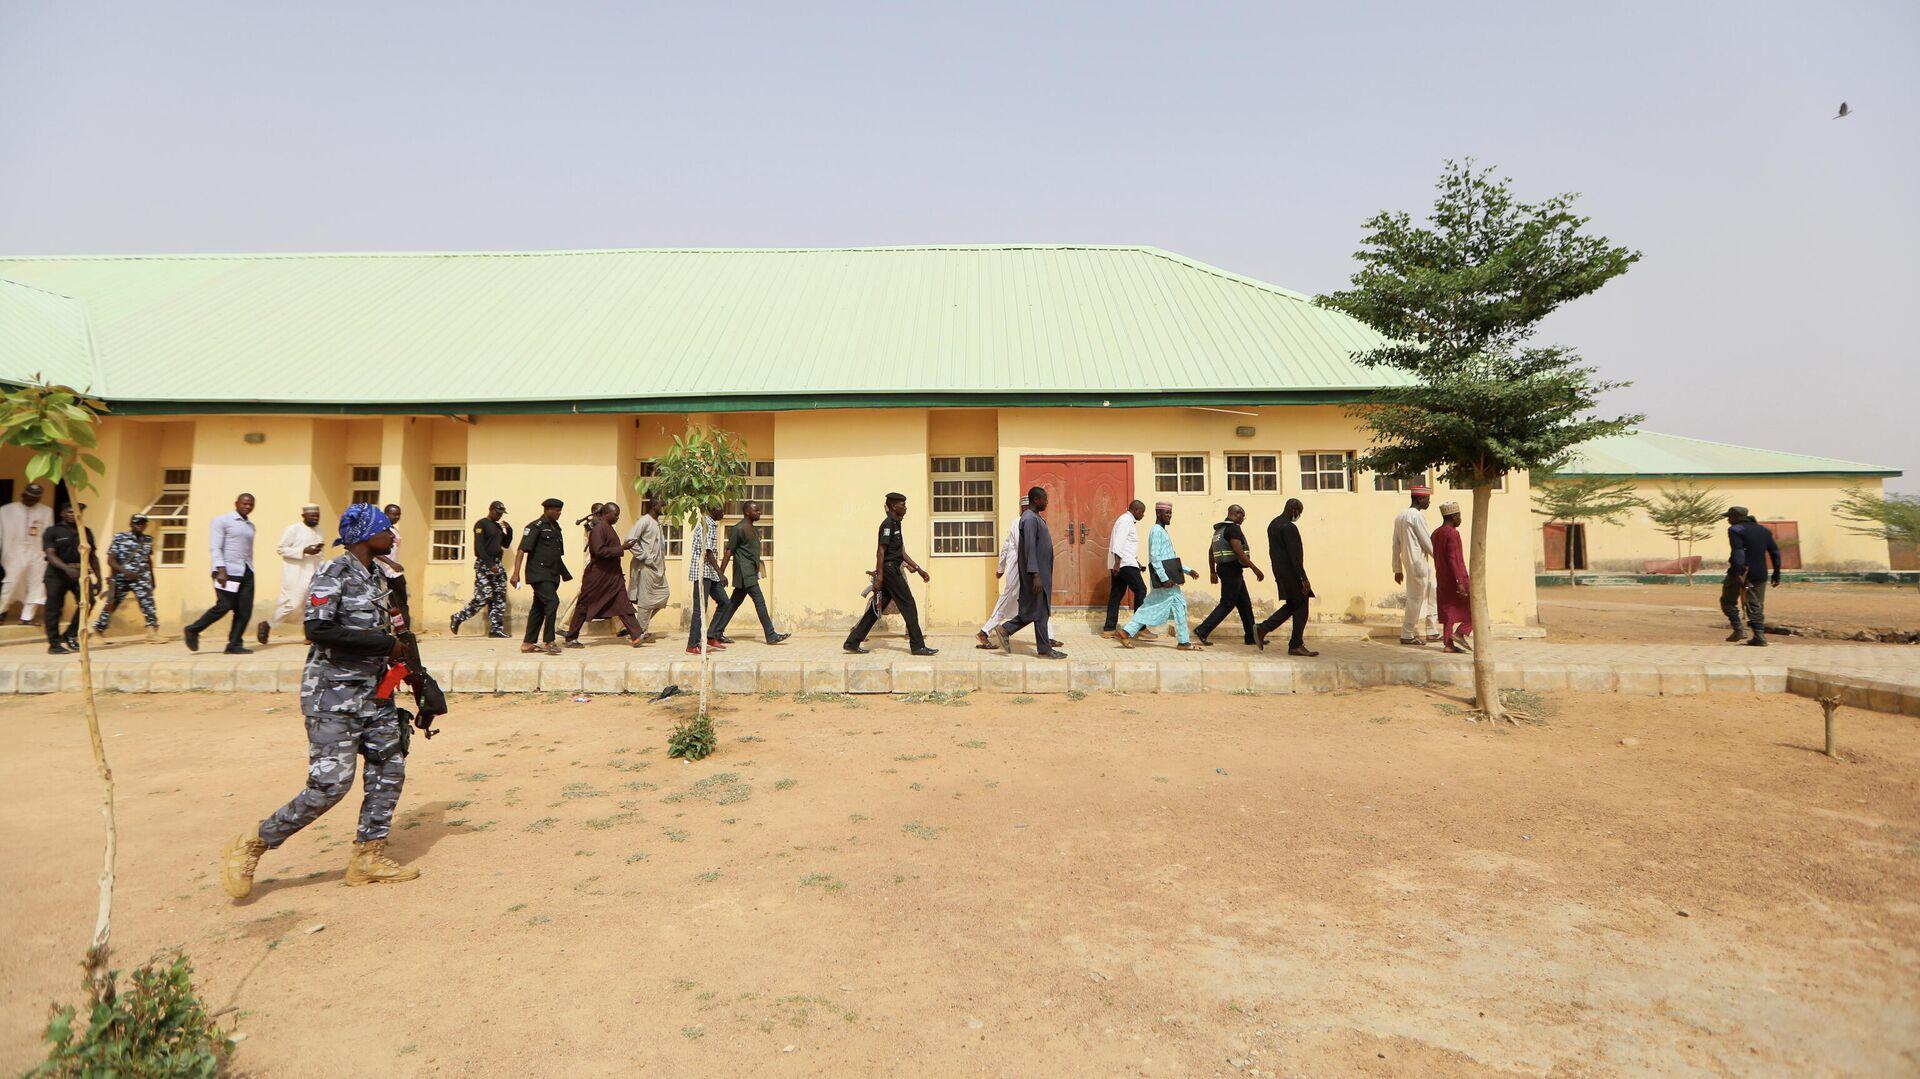 Un colegio en Nigeria - Sputnik Mundo, 1920, 15.03.2021